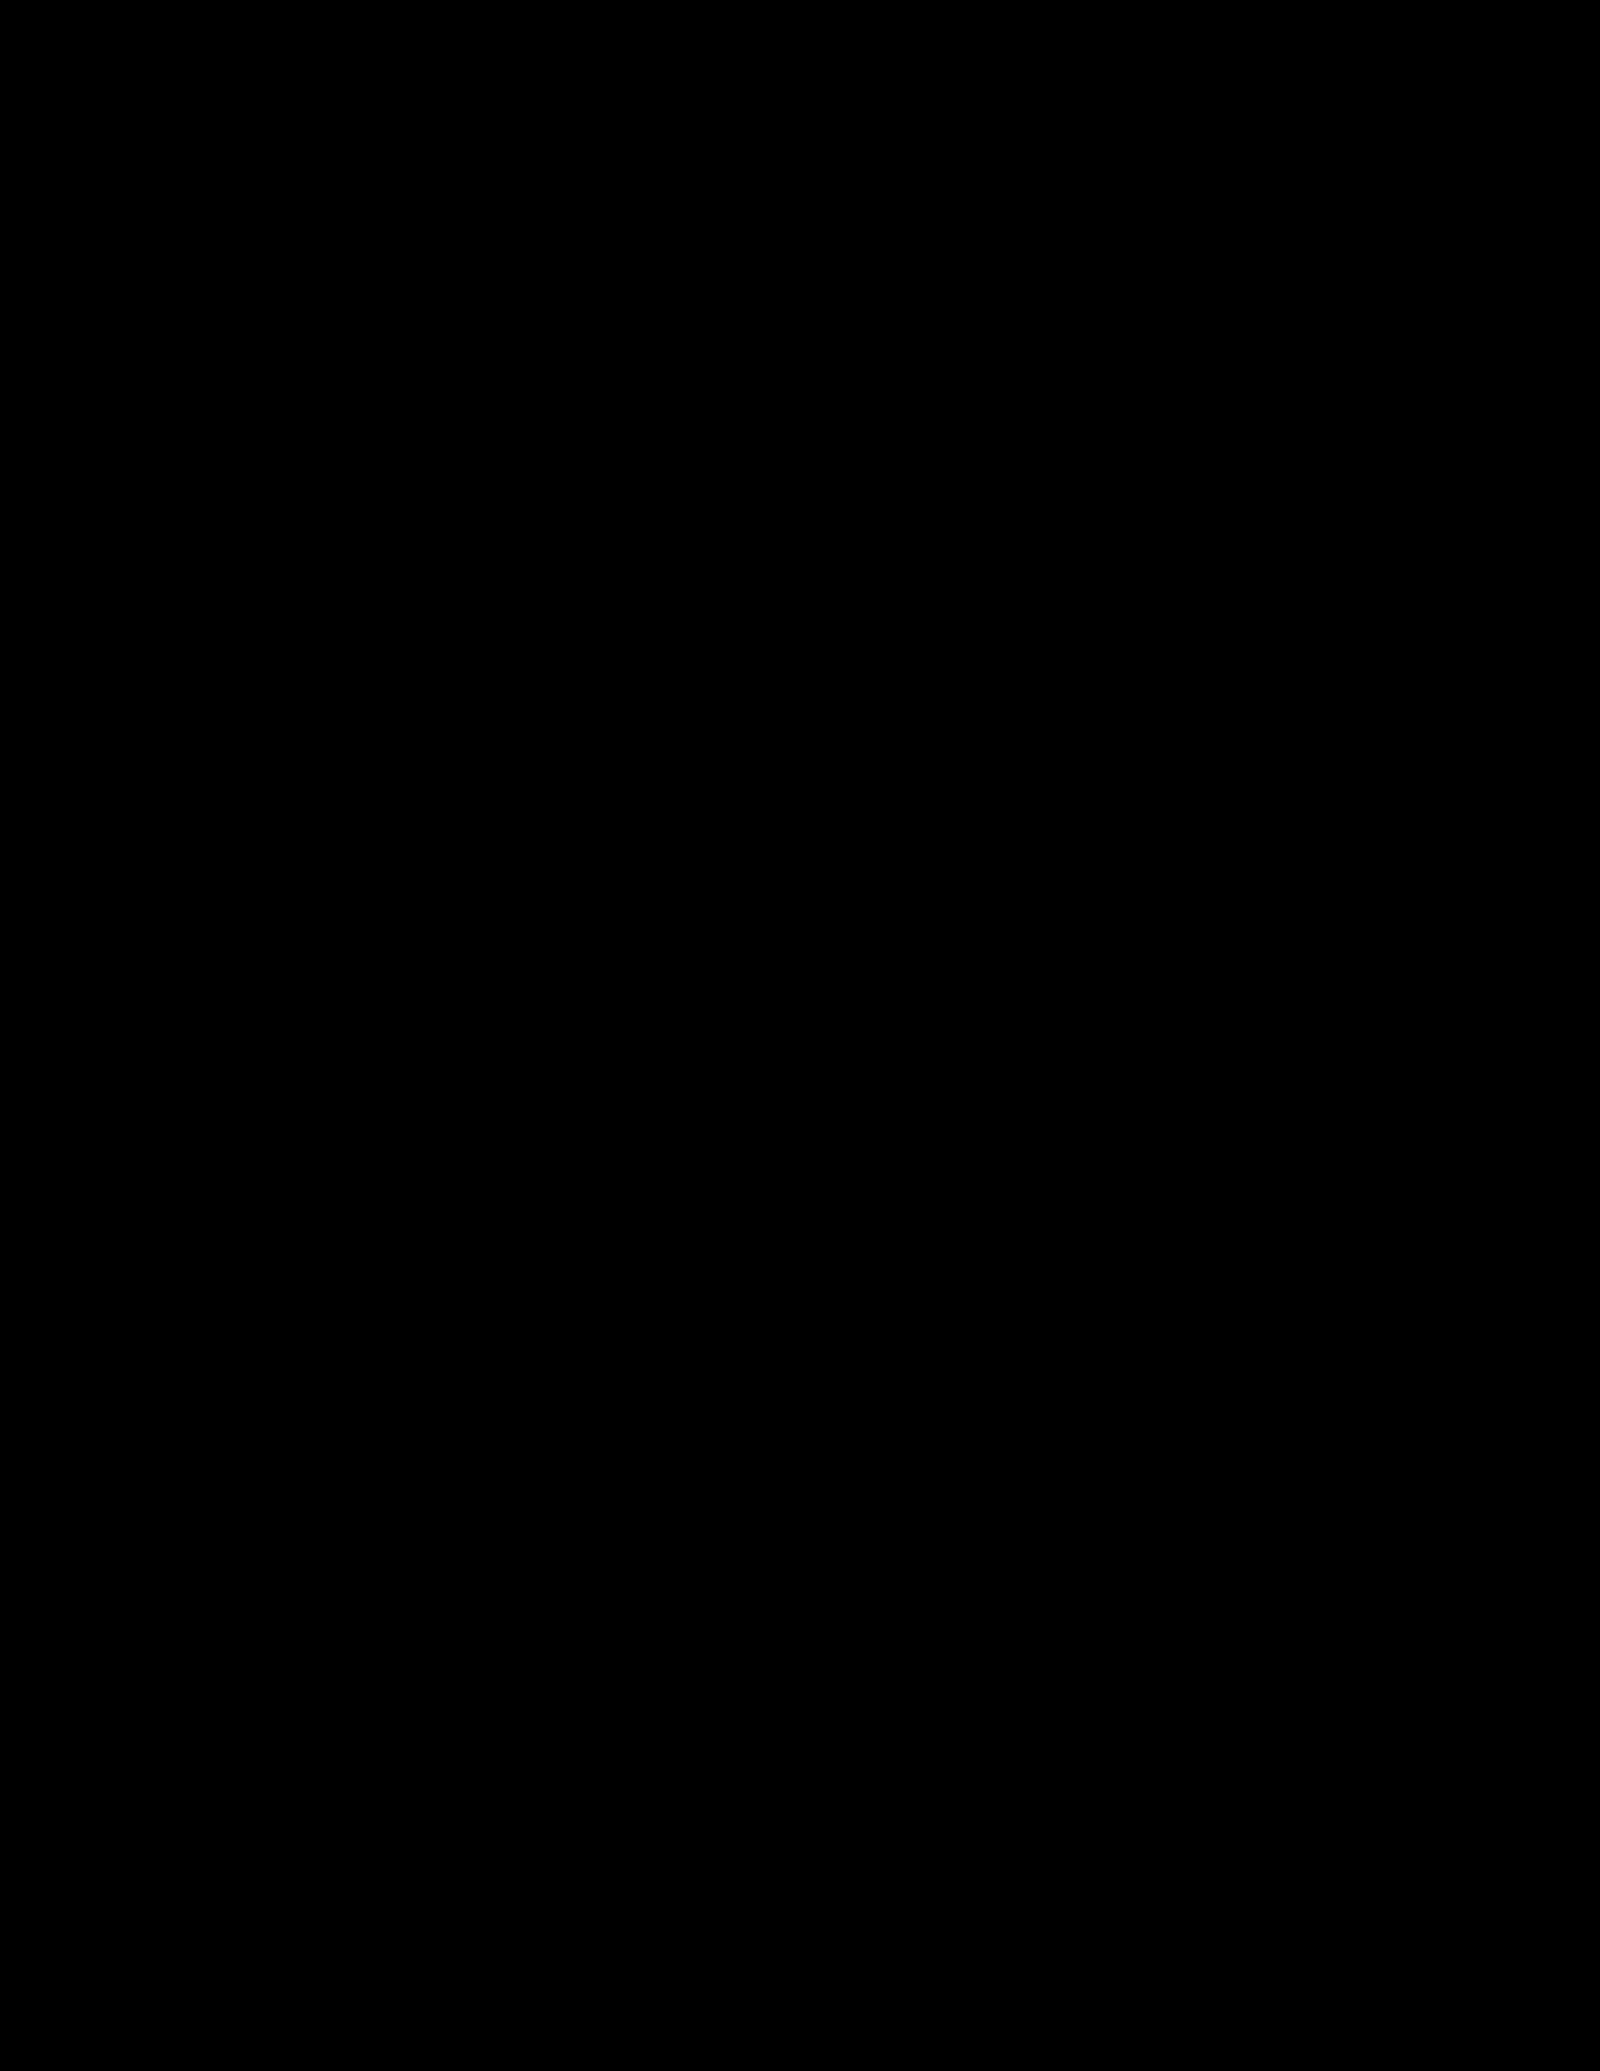 ISO Certification in Netherlands by jobi wason